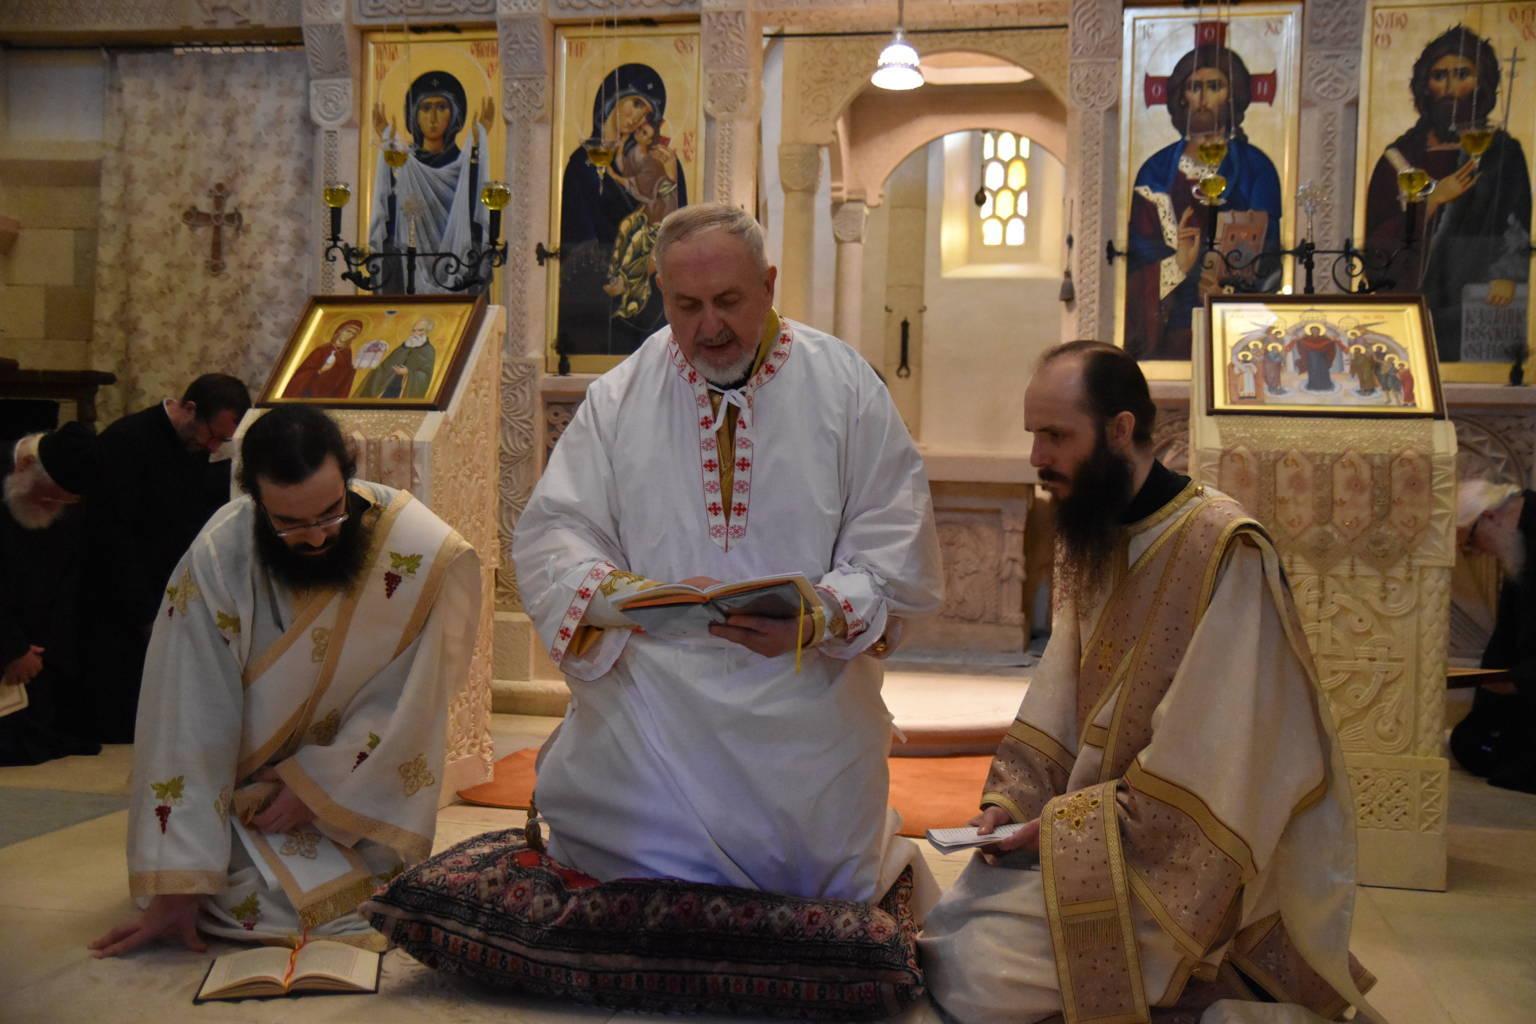 DSC 0624 - Λαμπρά εγκαίνια του Καθολικού της Ι. Μονής Αγίας Σκέπης Σολάν